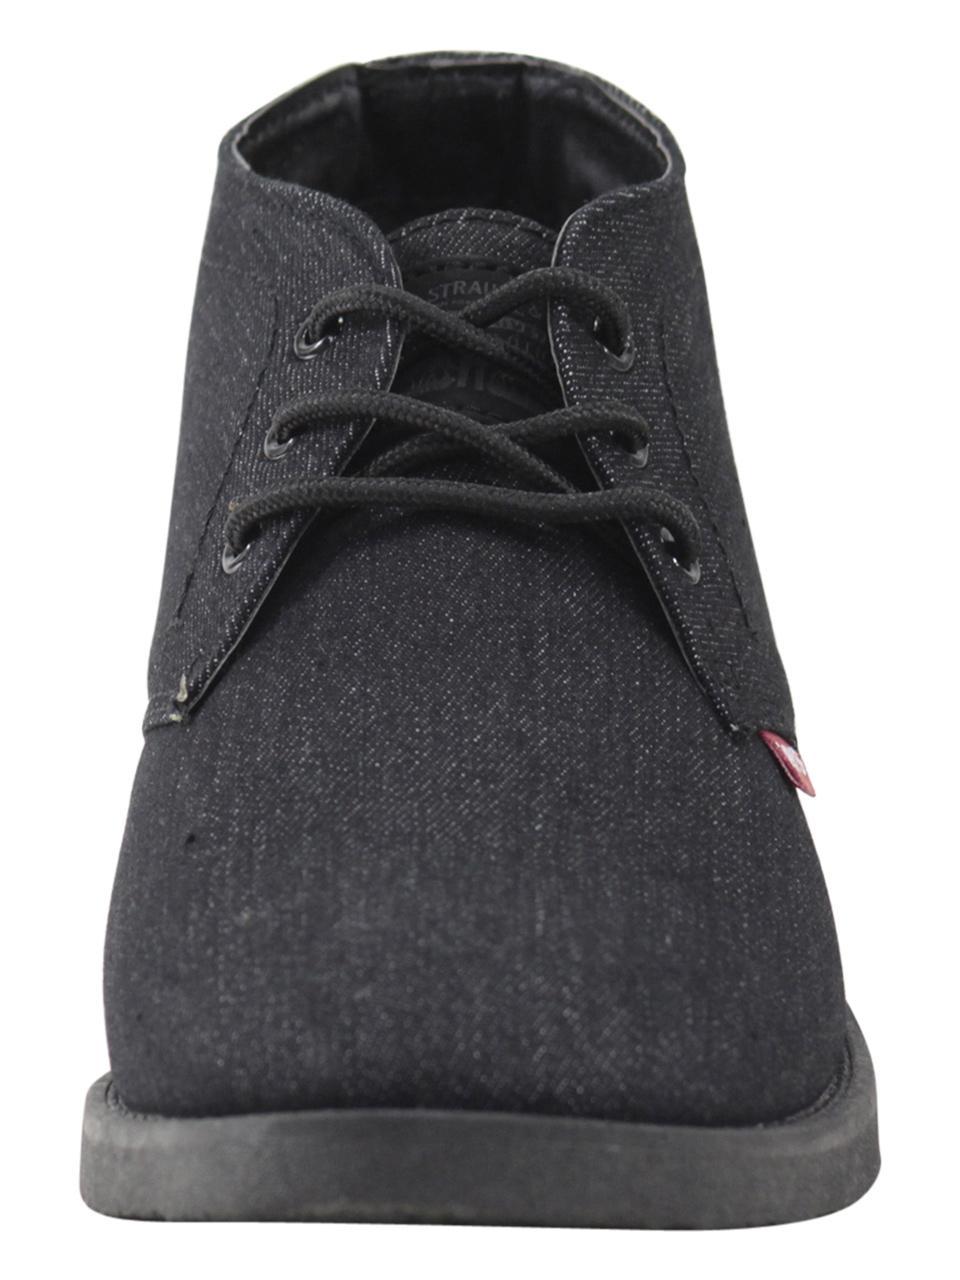 8651a035be5 Levi's Men's Sonoma Denim Levis Chukka Boots Shoes